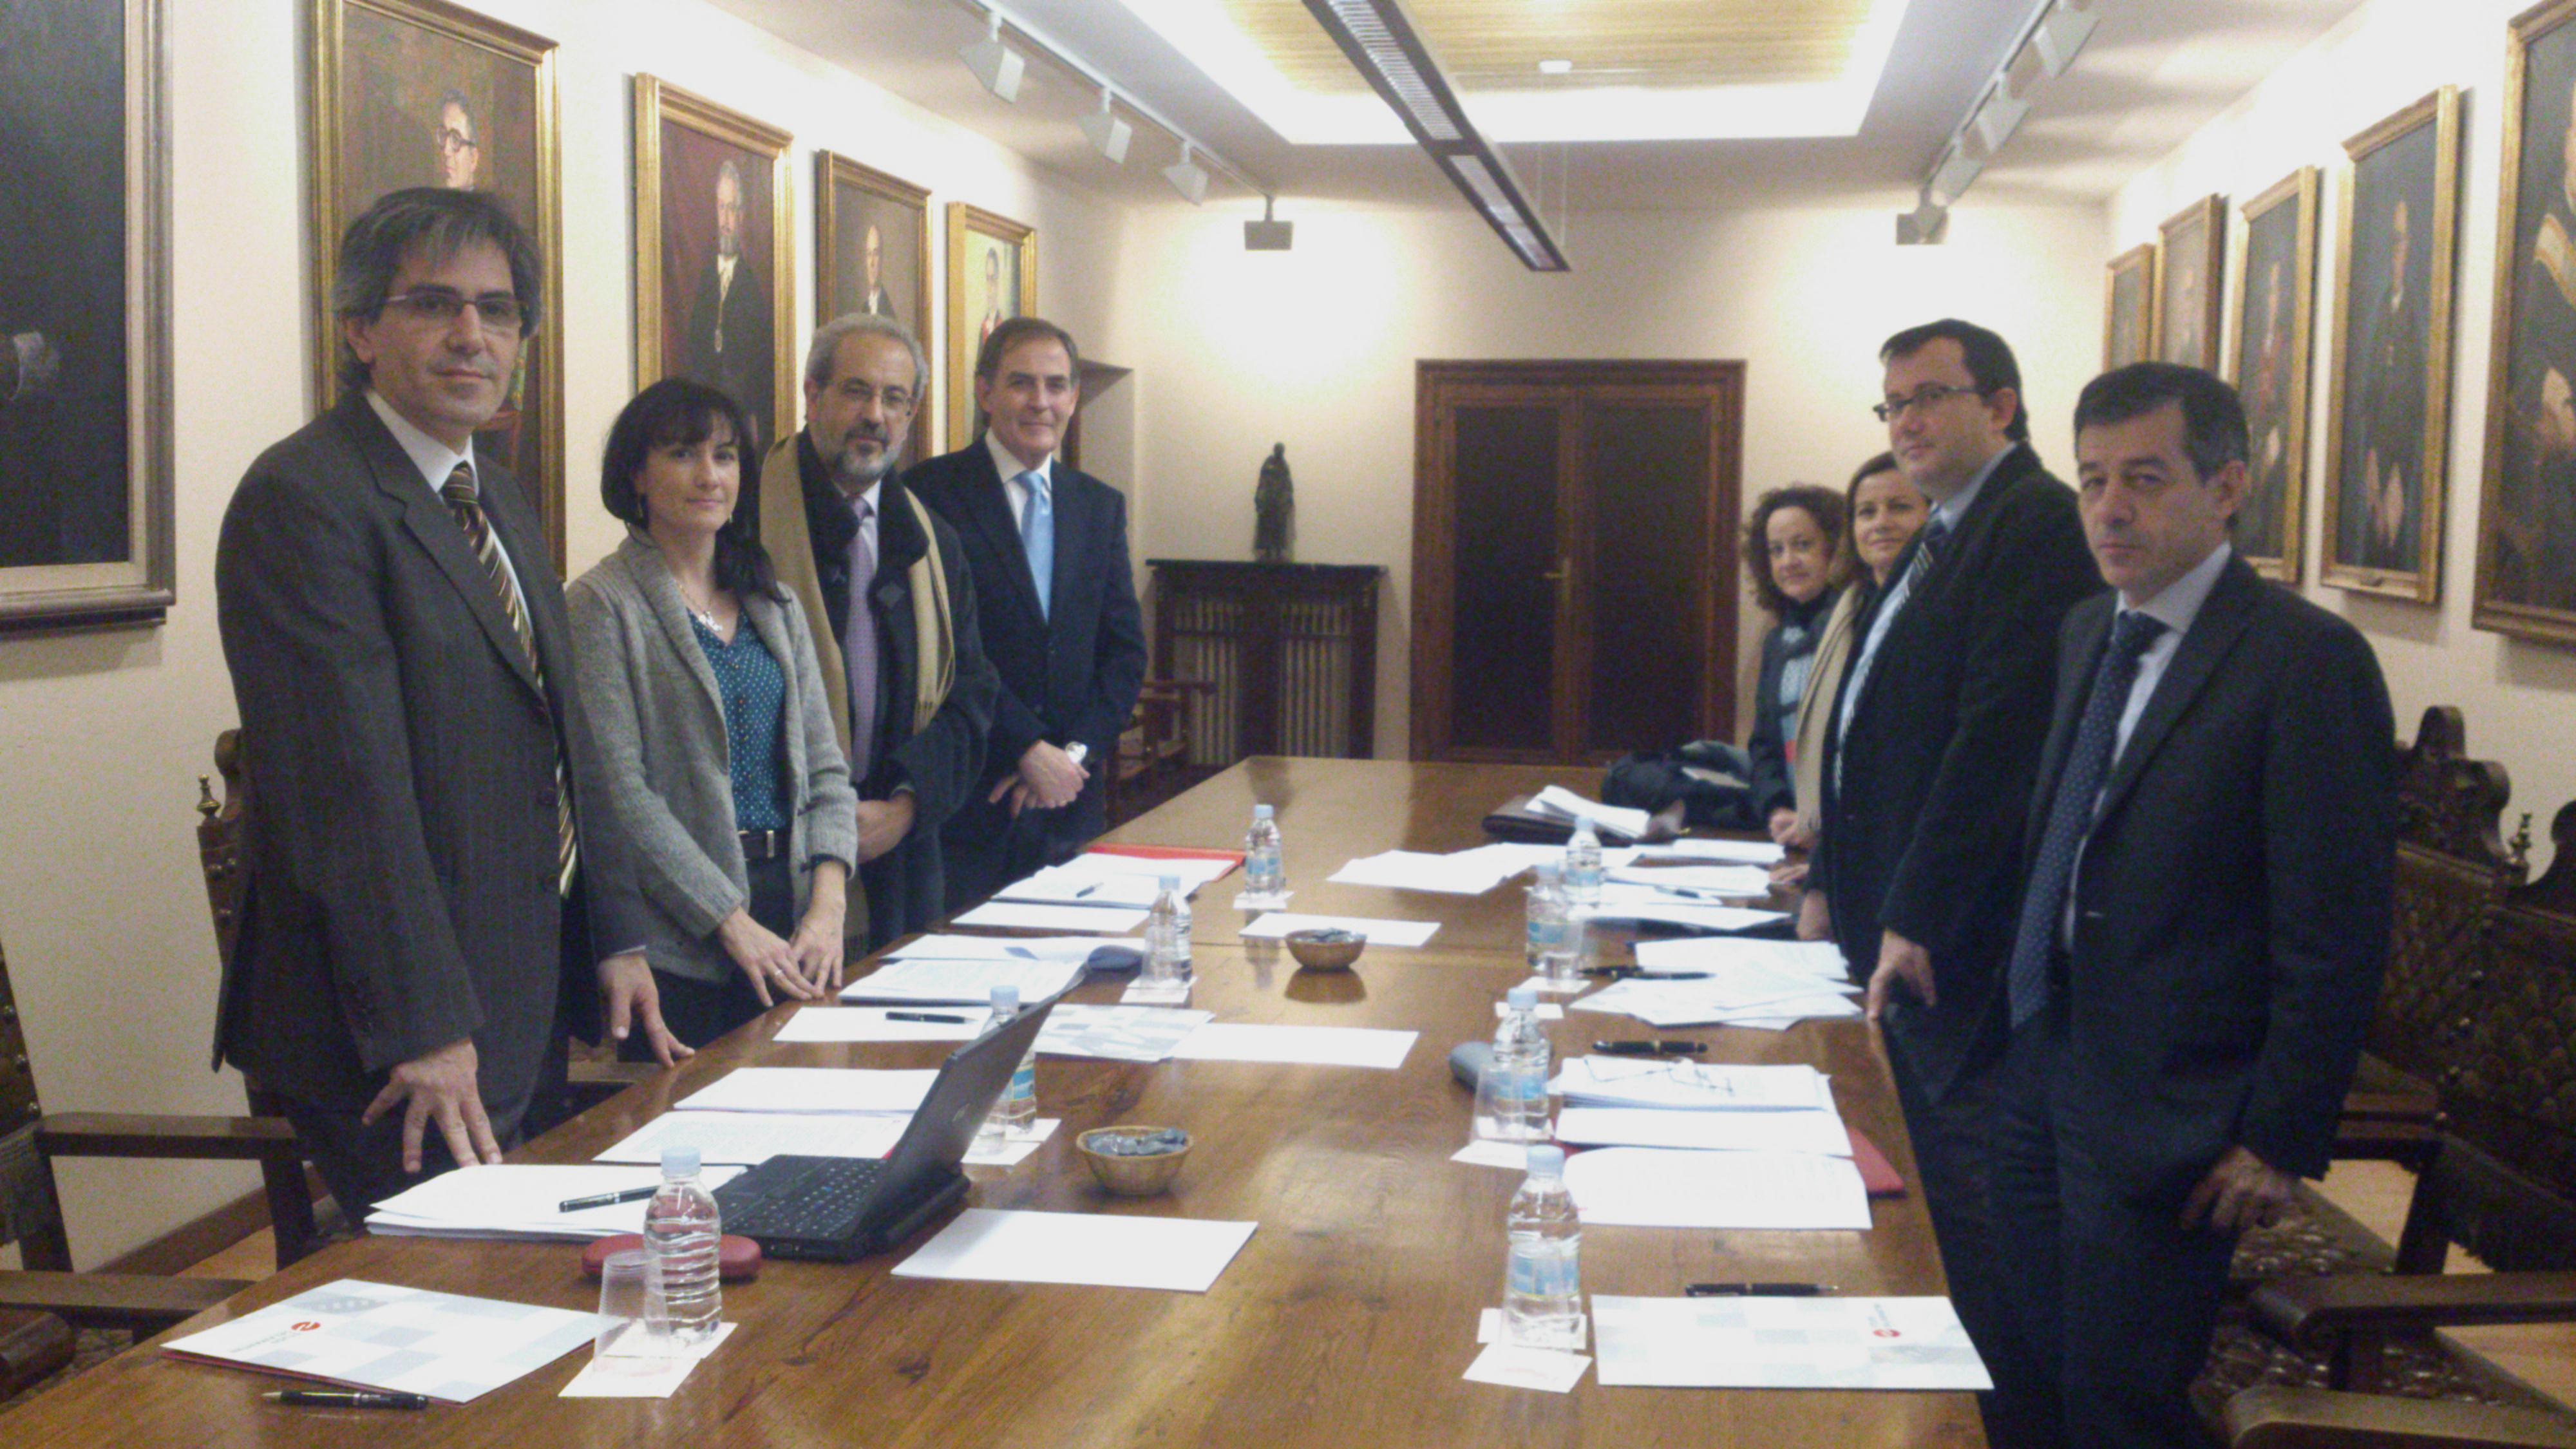 La comisión de seguimiento del Campus de Excelencia Internacional avala el proyecto 'Studii Salamantini'